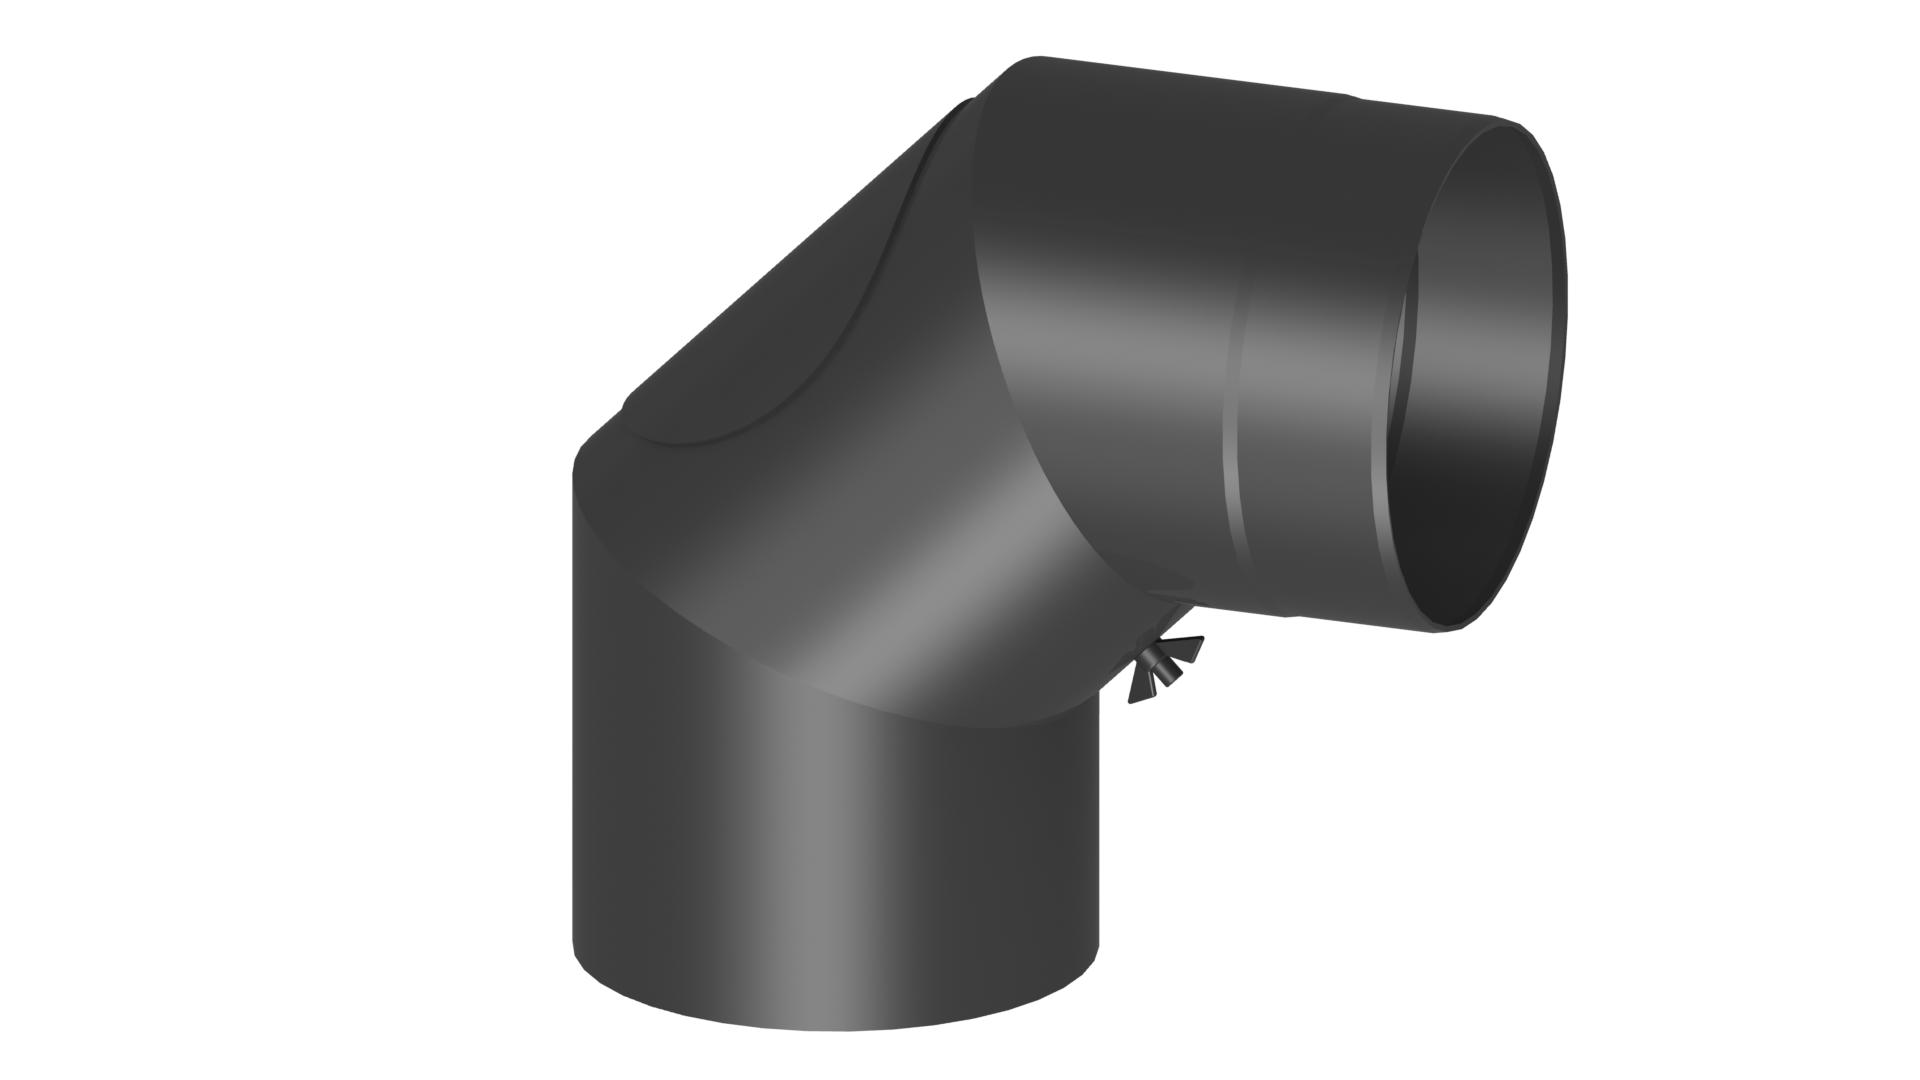 Ofenrohr - Winkel 90° mit Tür - schwarz